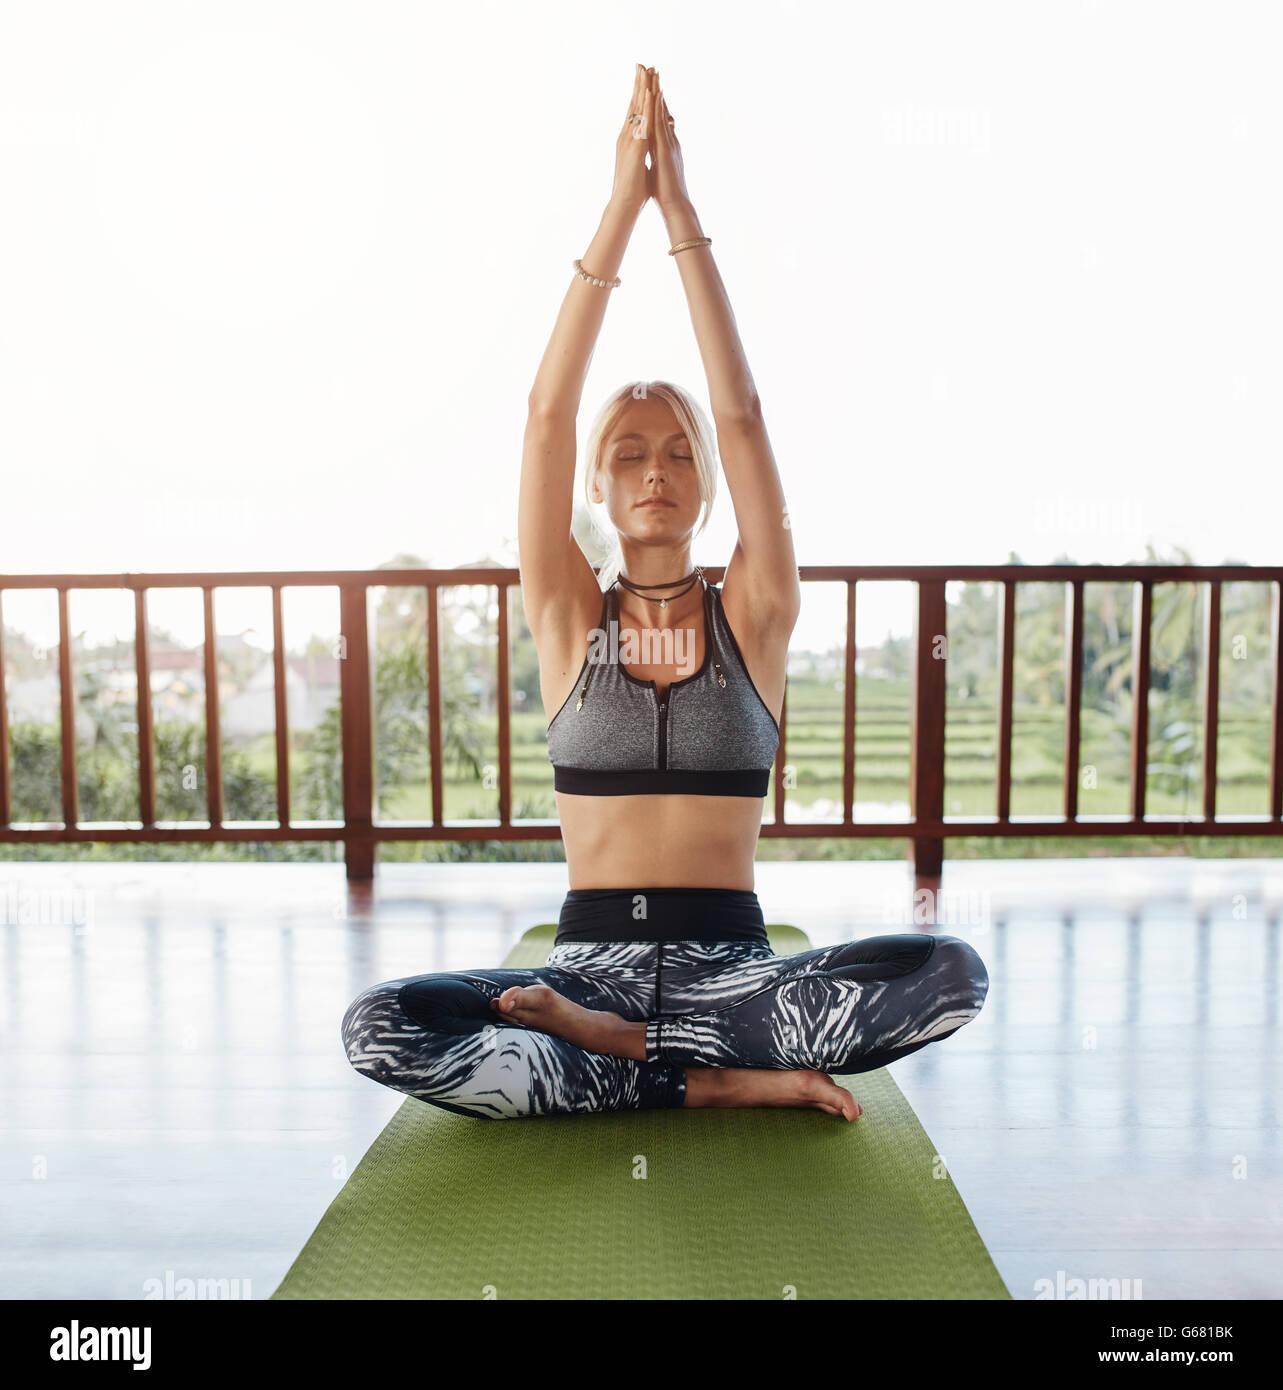 Mujer joven sentada en el suelo con las manos pose yoga se unió a sobrecarga. Modelo femenino de Fitness hacer Imagen De Stock